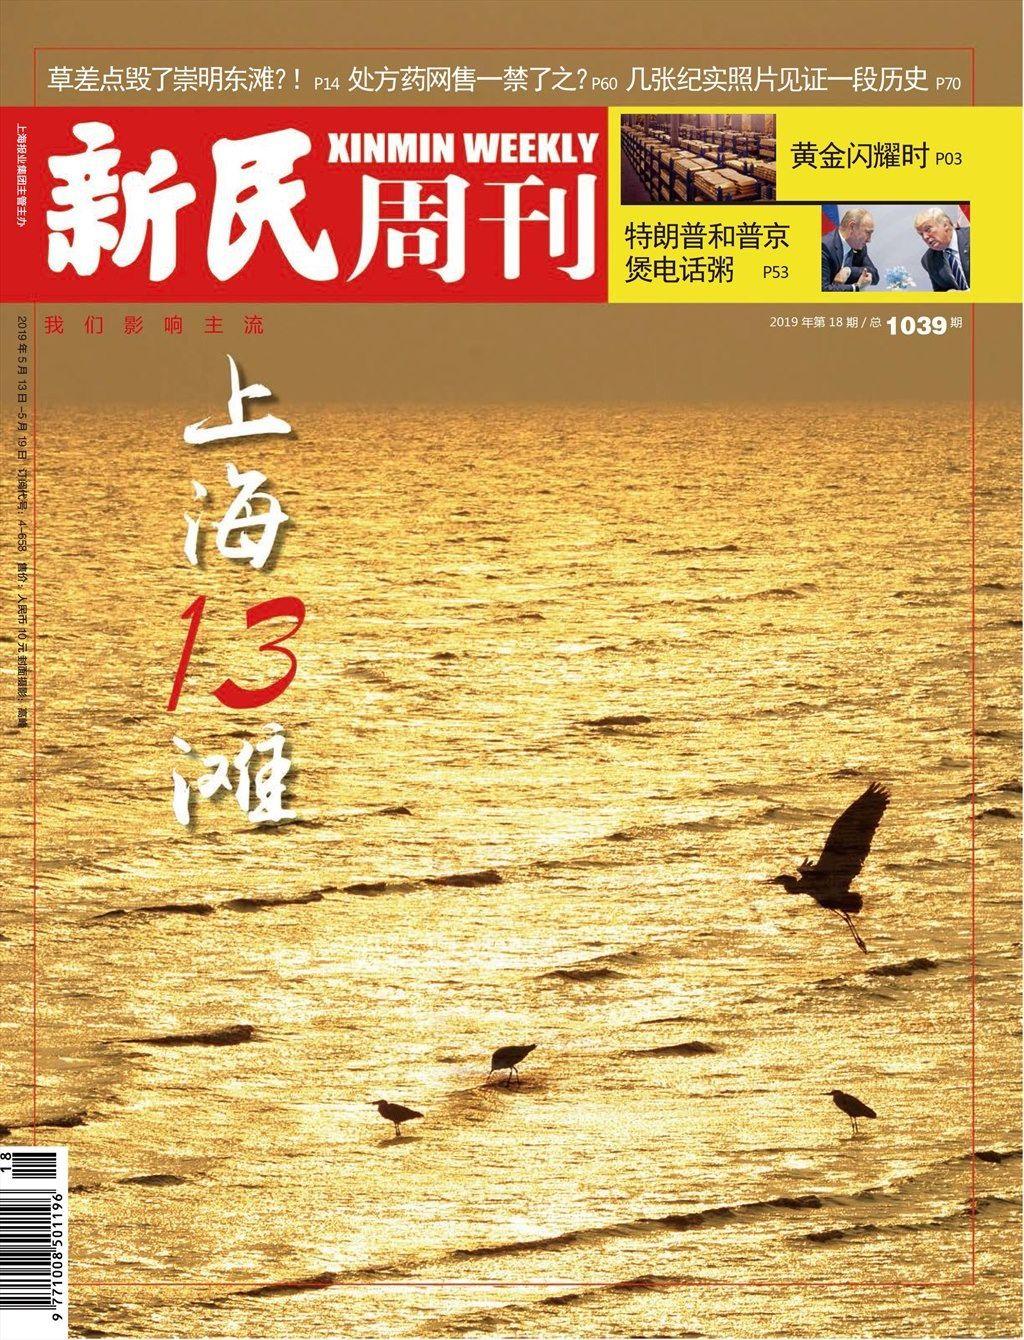 新民周刊 2019第18期